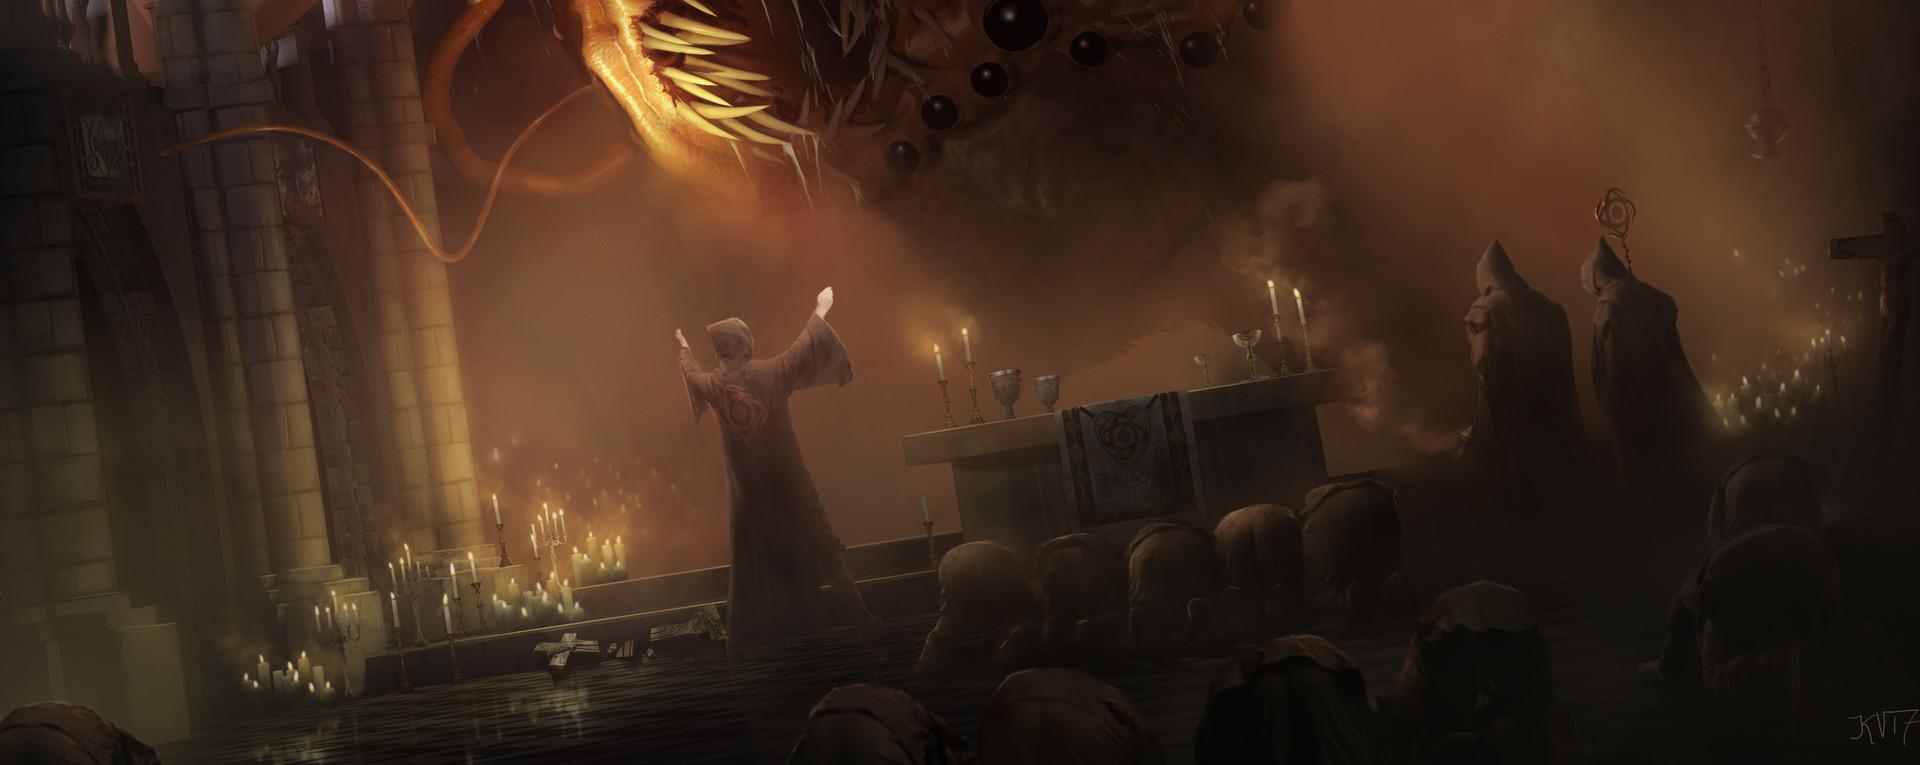 Konstantin vohwinkel summon the old ones test